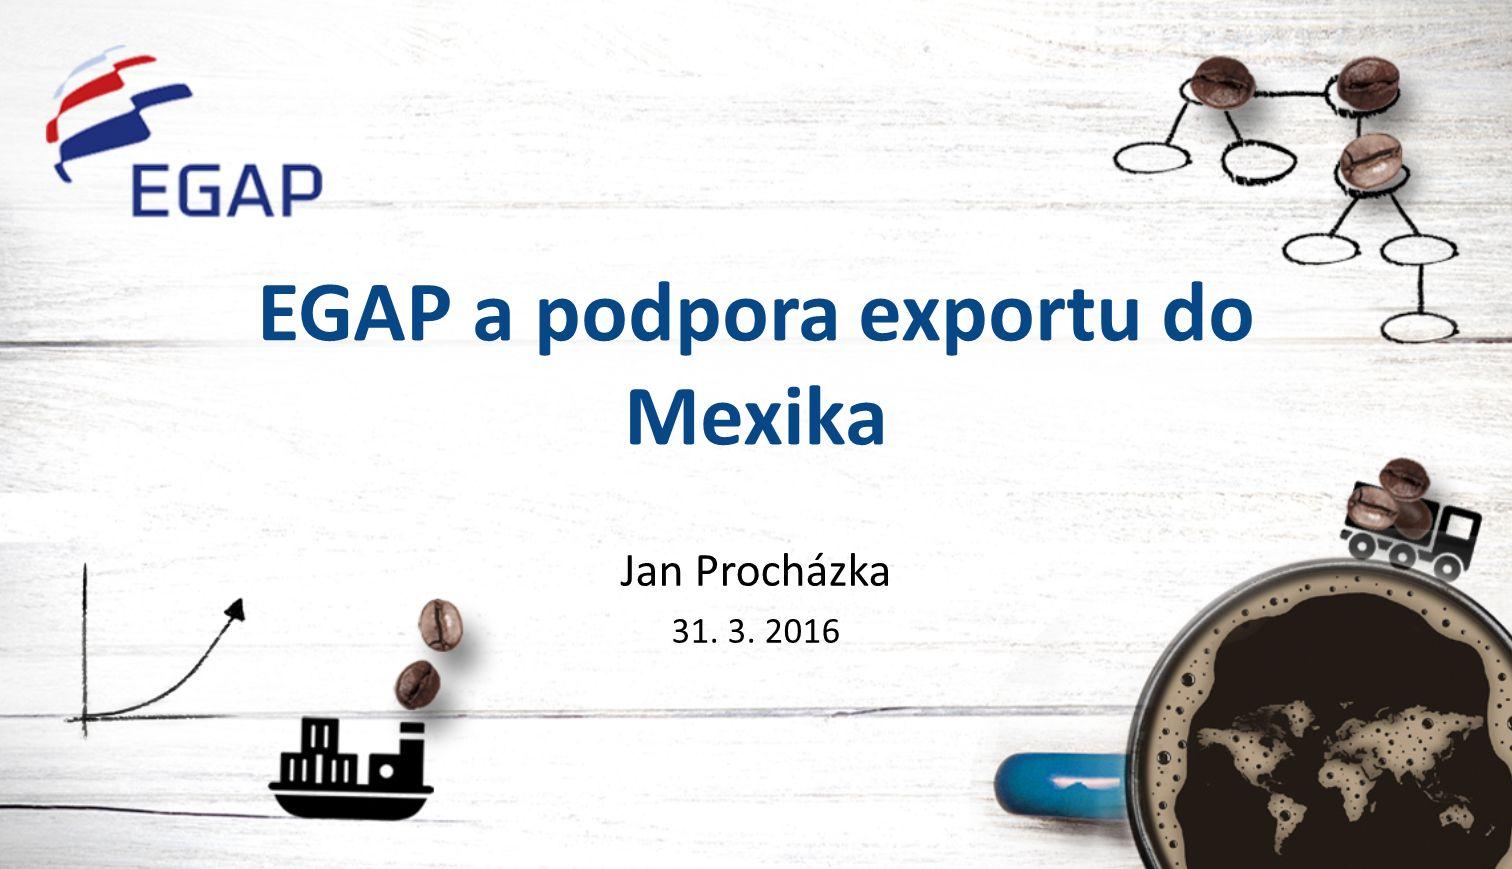 EGAP a podpora exportu do Mexika Jan Procházka 31. 3. 2016